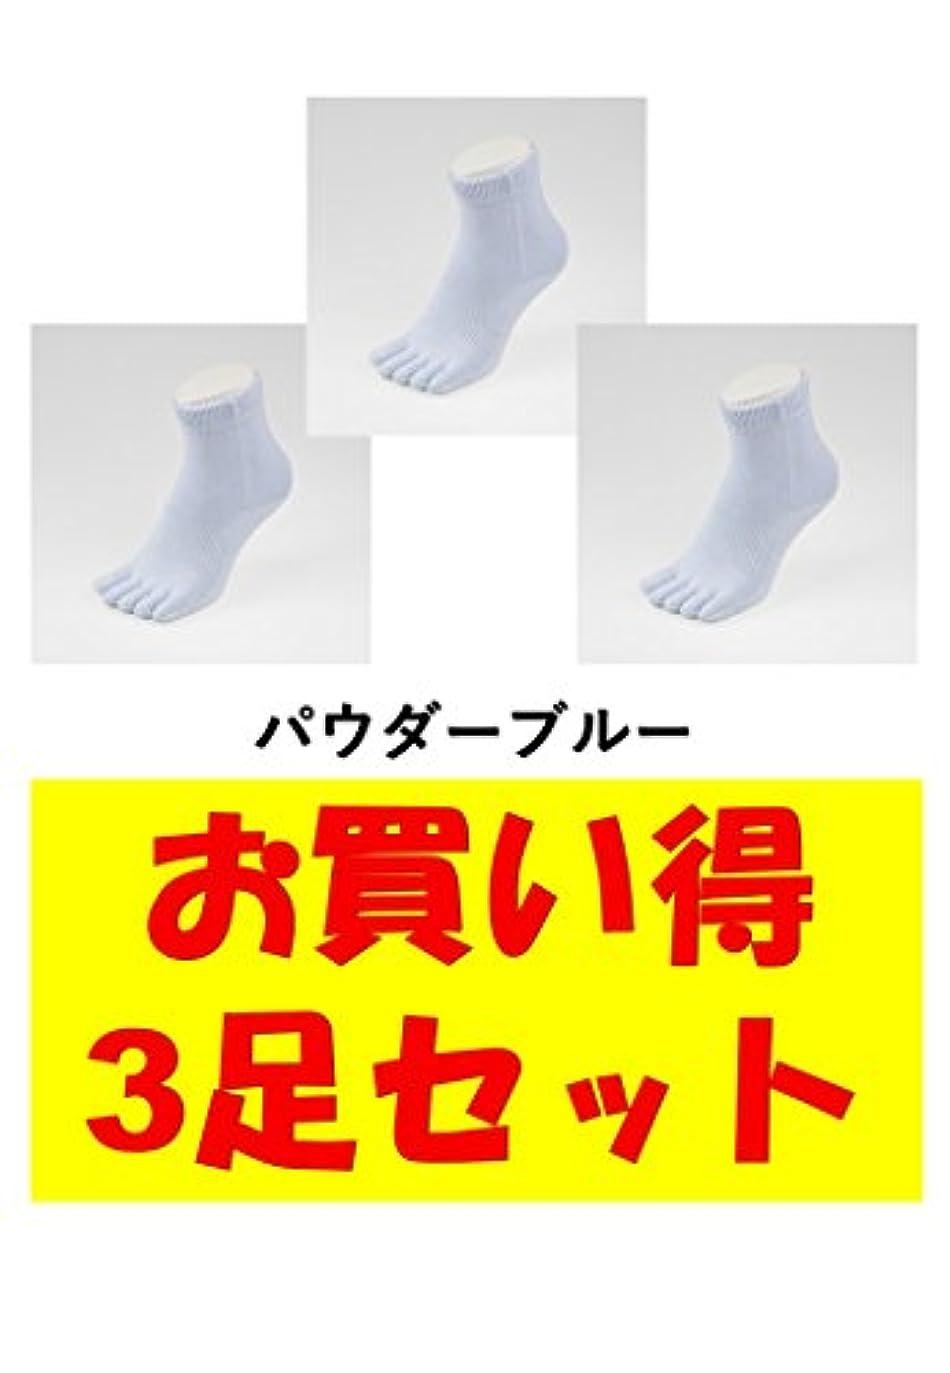 画面オゾン潜むお買い得3足セット 5本指 ゆびのばソックス Neo EVE(イヴ) パウダーブルー Sサイズ(21.0cm - 24.0cm) YSNEVE-PBL